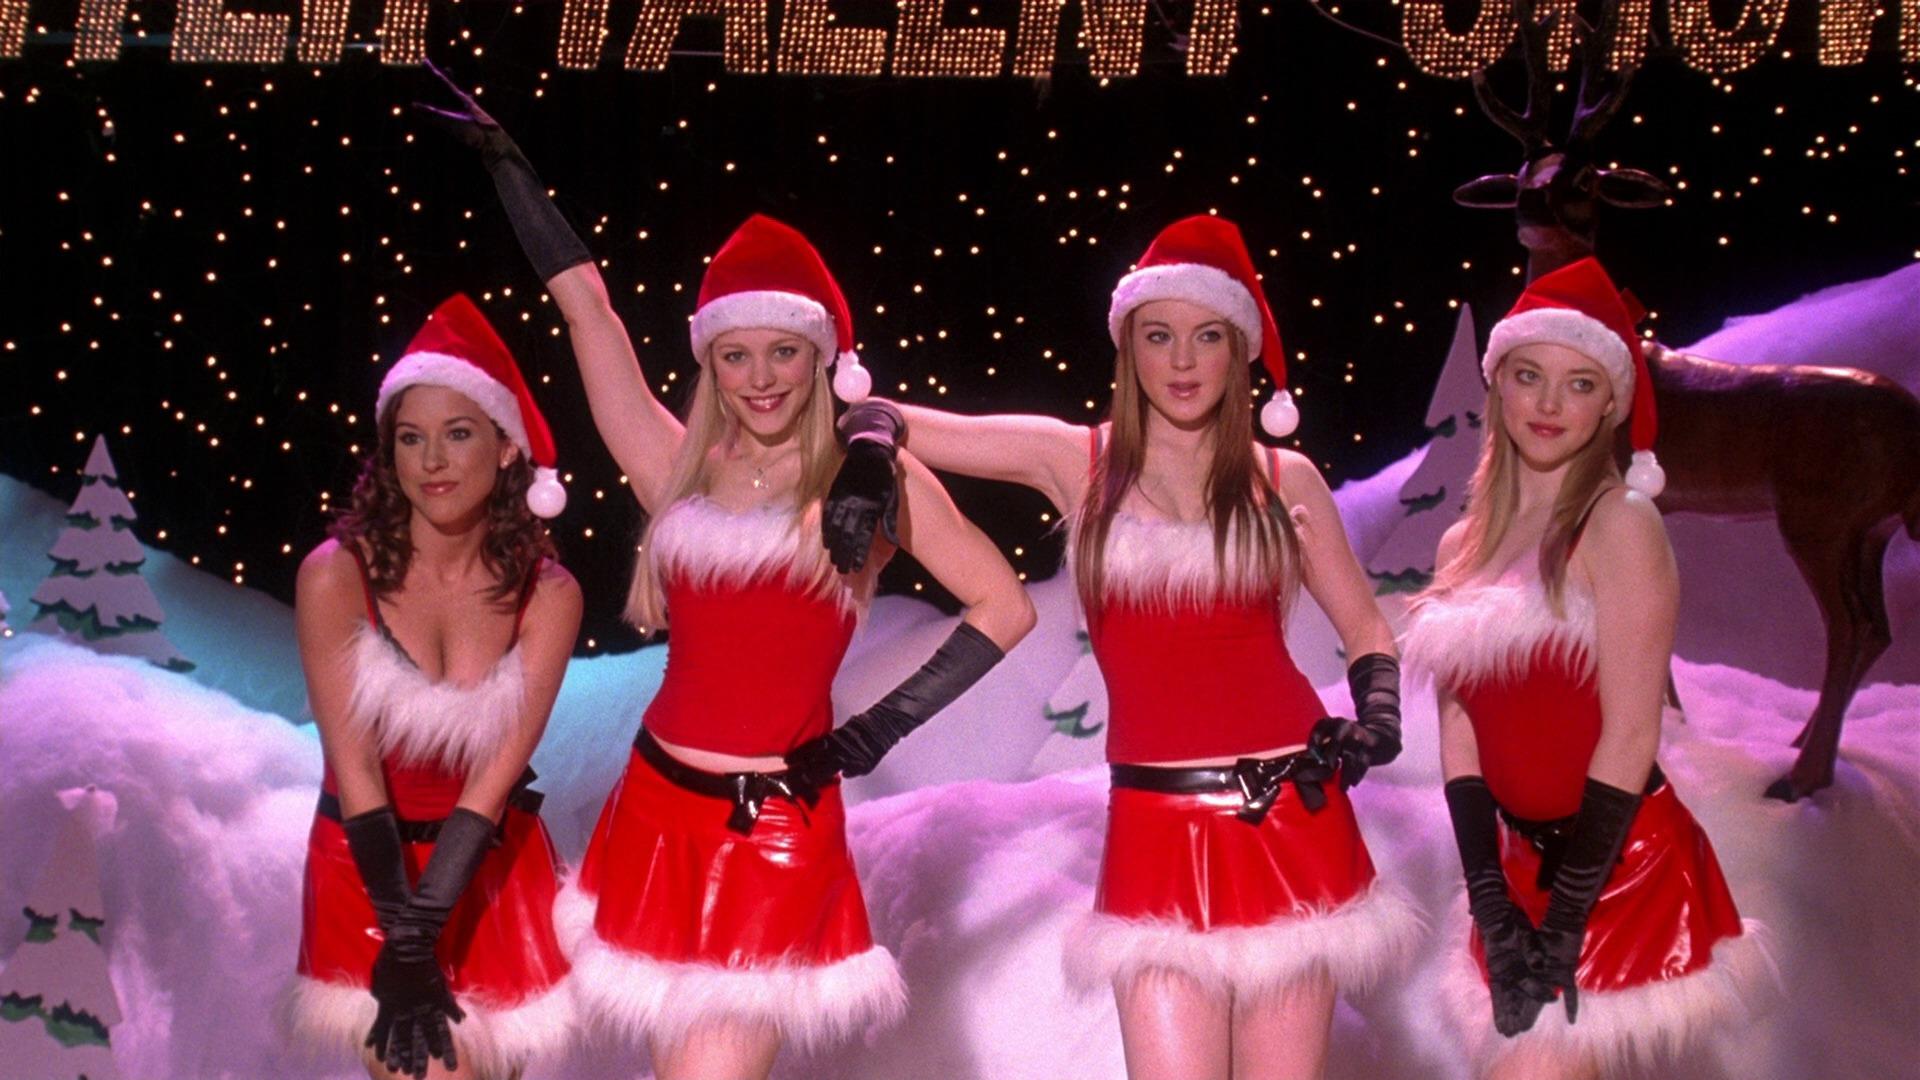 Mean Girls (2004).